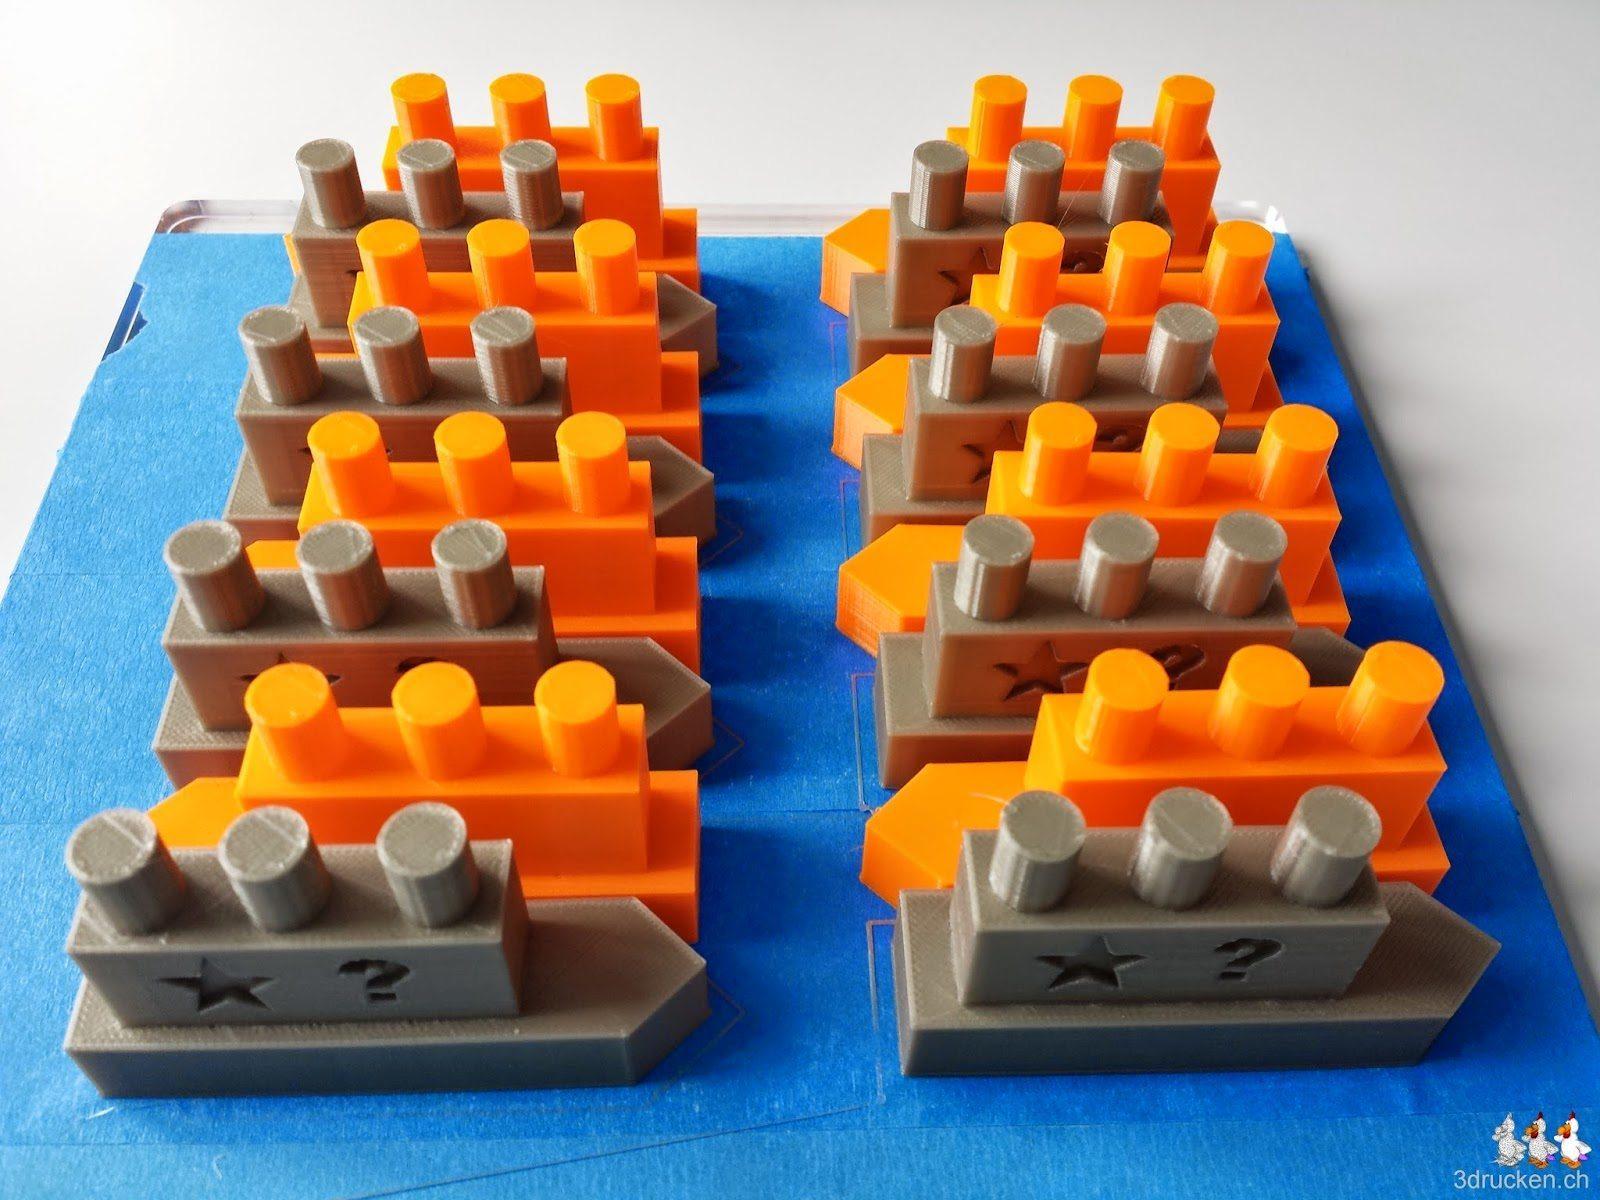 Foto der 16 gedruckten Schiffs-Modelle auf einem Drucktisch des Ultimaker Original